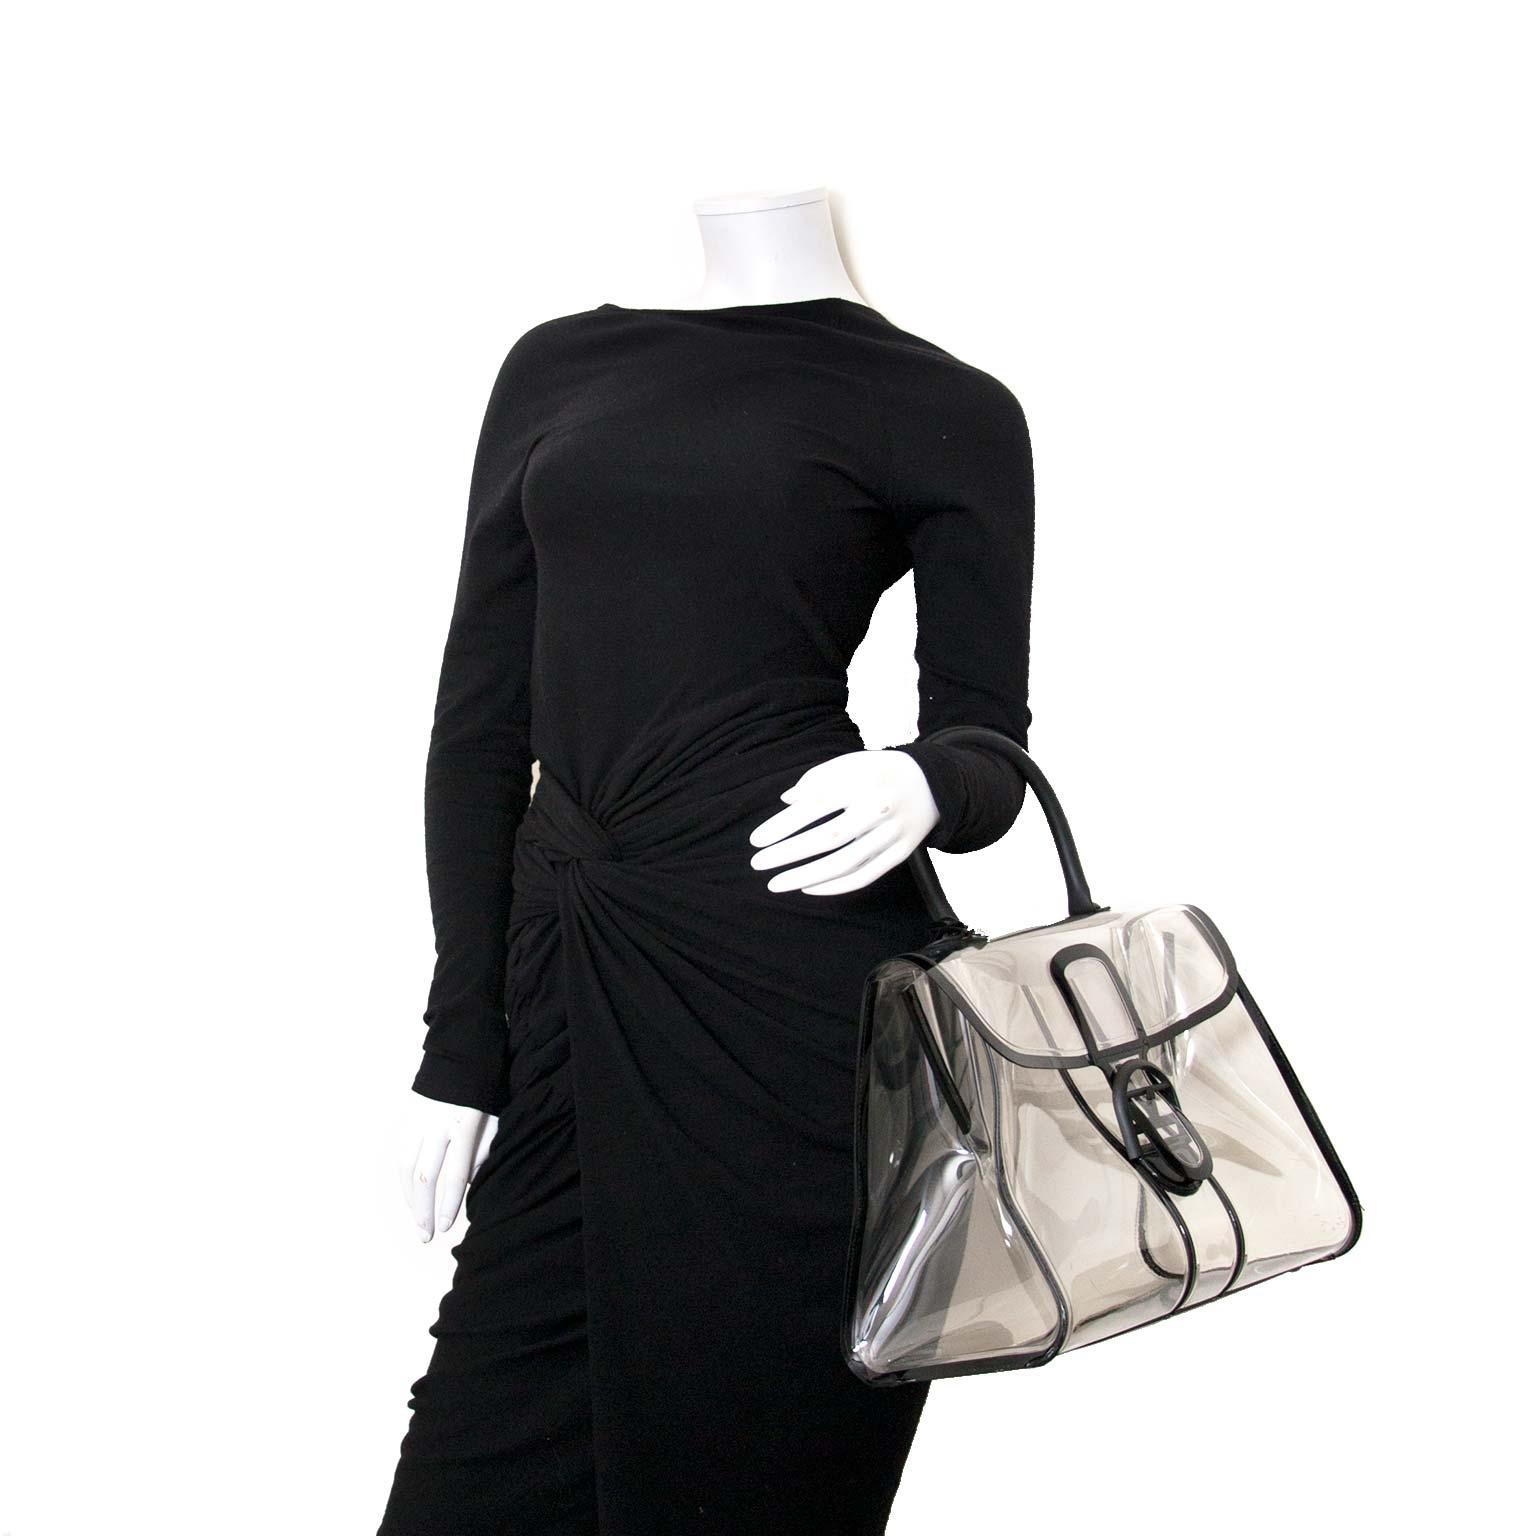 Koop en verkoop uw authentieke preloved Delvaux Xray aan de beste prijs bij Labellov luxe online